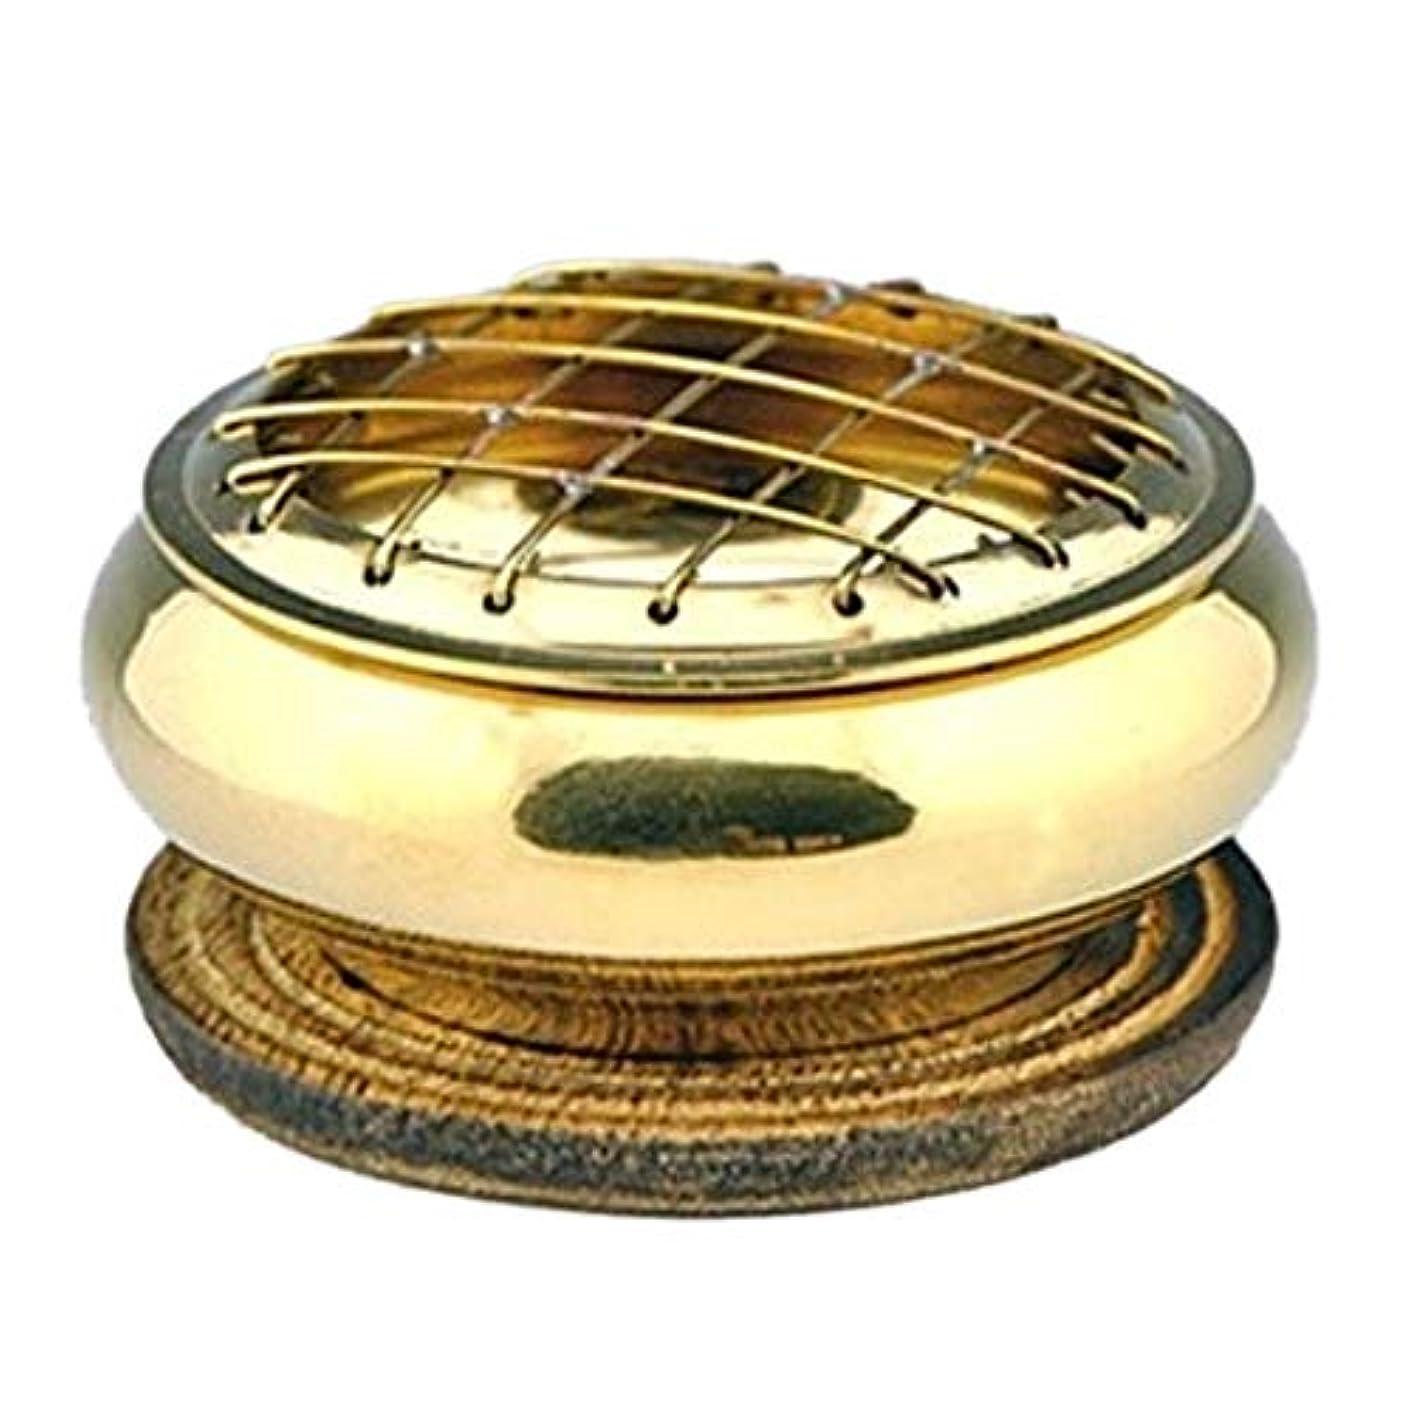 のためアノイ記念品Sacred Tiger Incense Sampler Kit with Charcoal and Burner Shipped in a Beautiful Gift/Storage Box